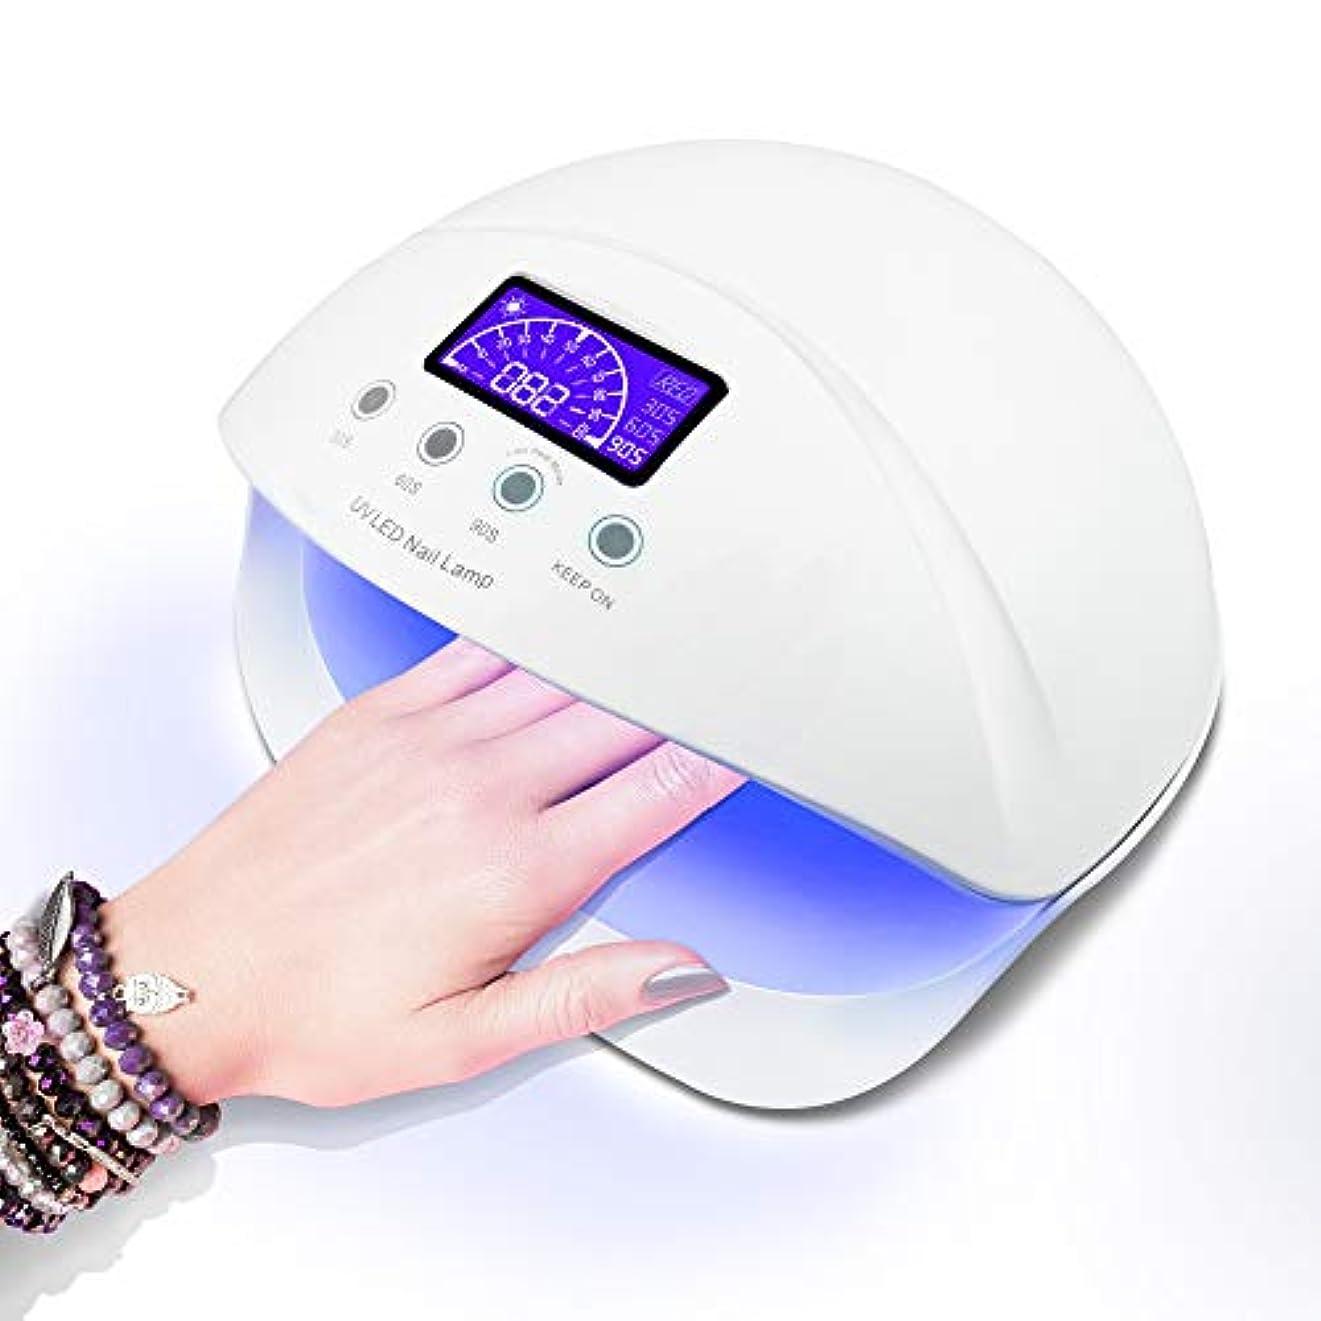 広がり伝染性側LED ネイルドライヤー UVネイルライト 50W ハイパワー ジェルネイルライト 肌をケア センサータイマー付き UVライト 速乾UV ネイル ハンドフット両用  ネイル led ライト [日本語取扱説明書付き]